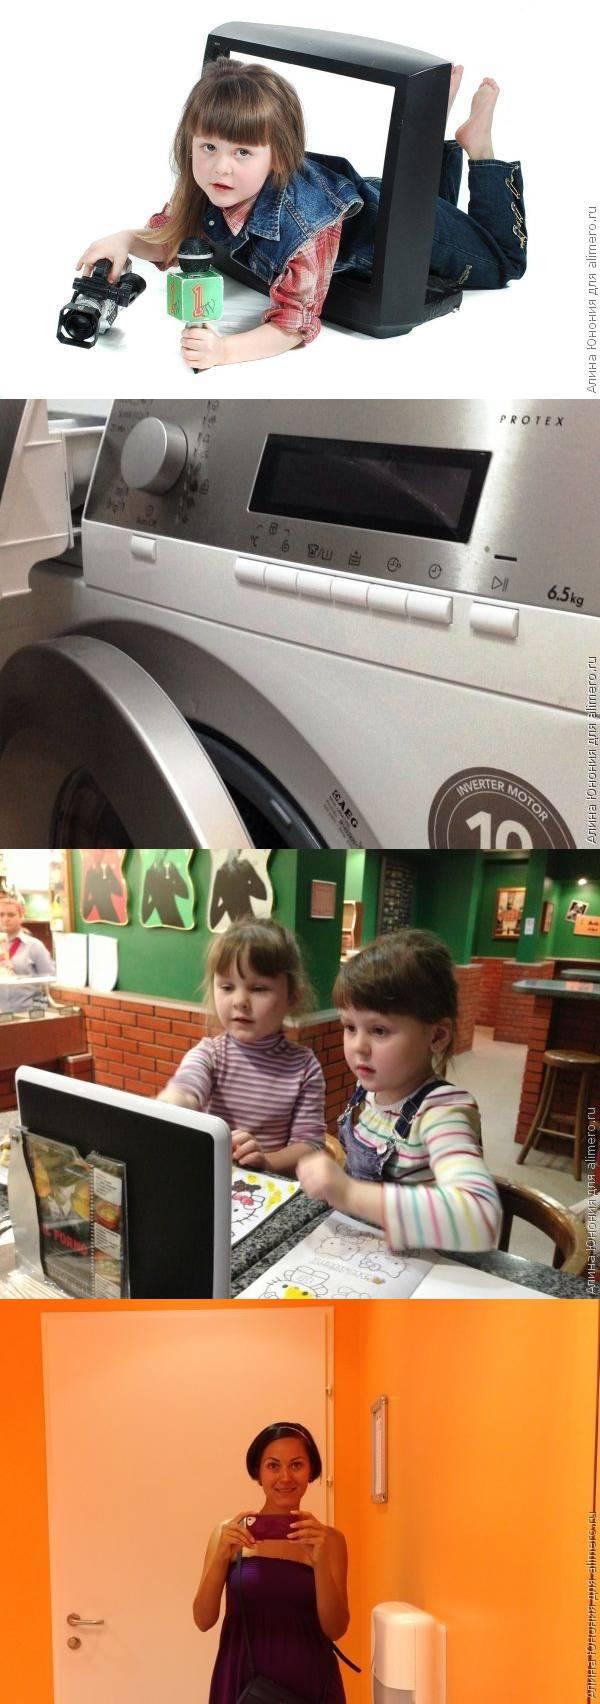 Технические новинки на службе у мамы